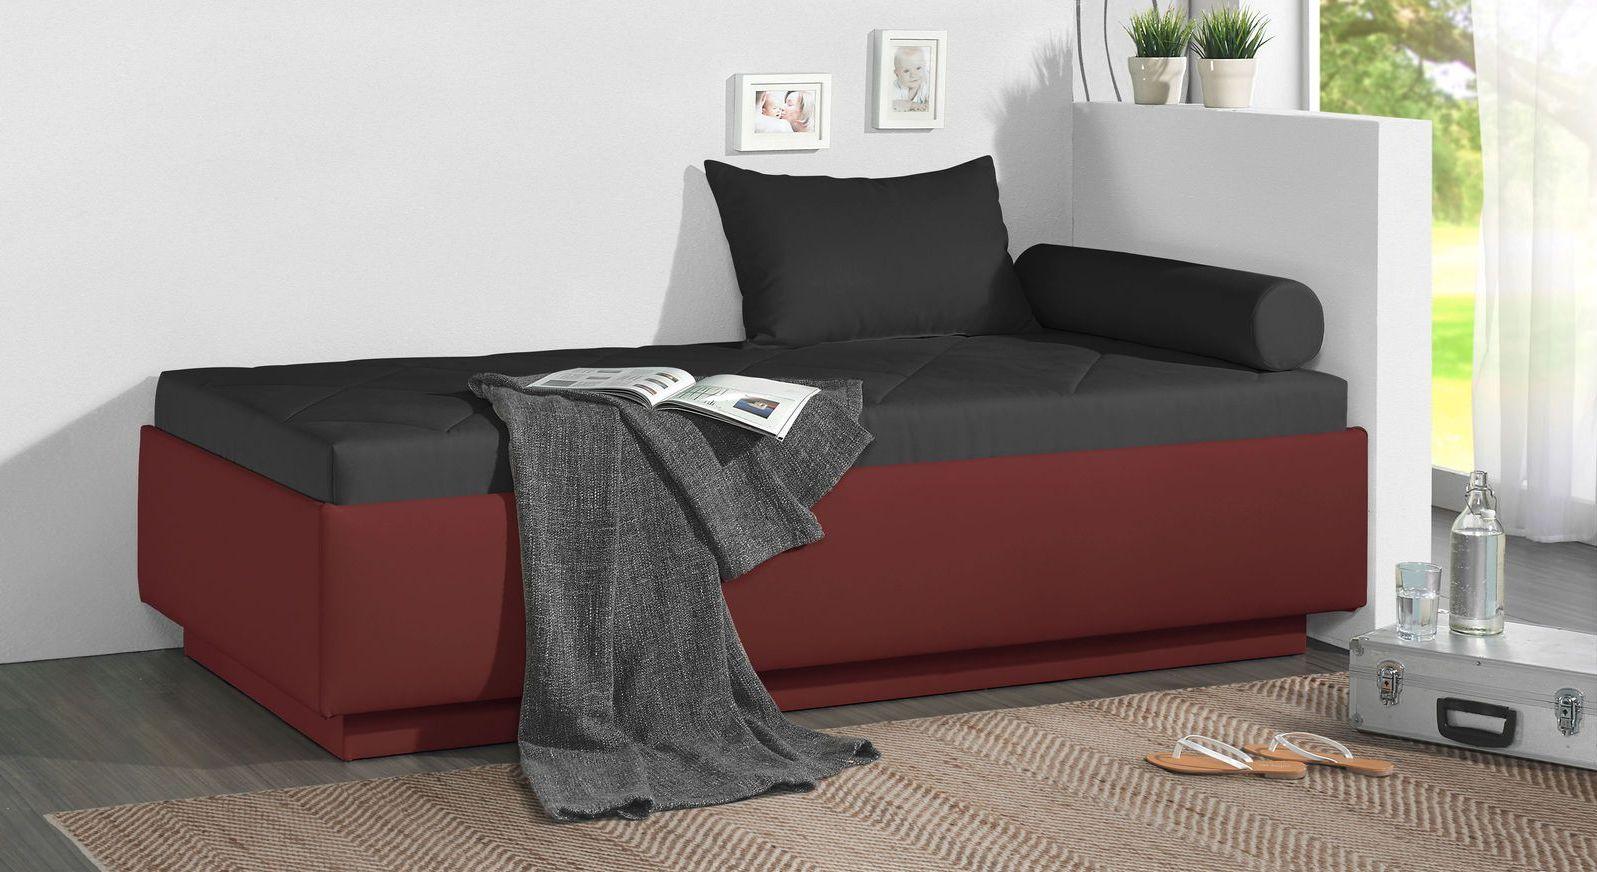 Relaxliege Eriko aus dunkelrotem Kunstleder und schwarzem Microvelours